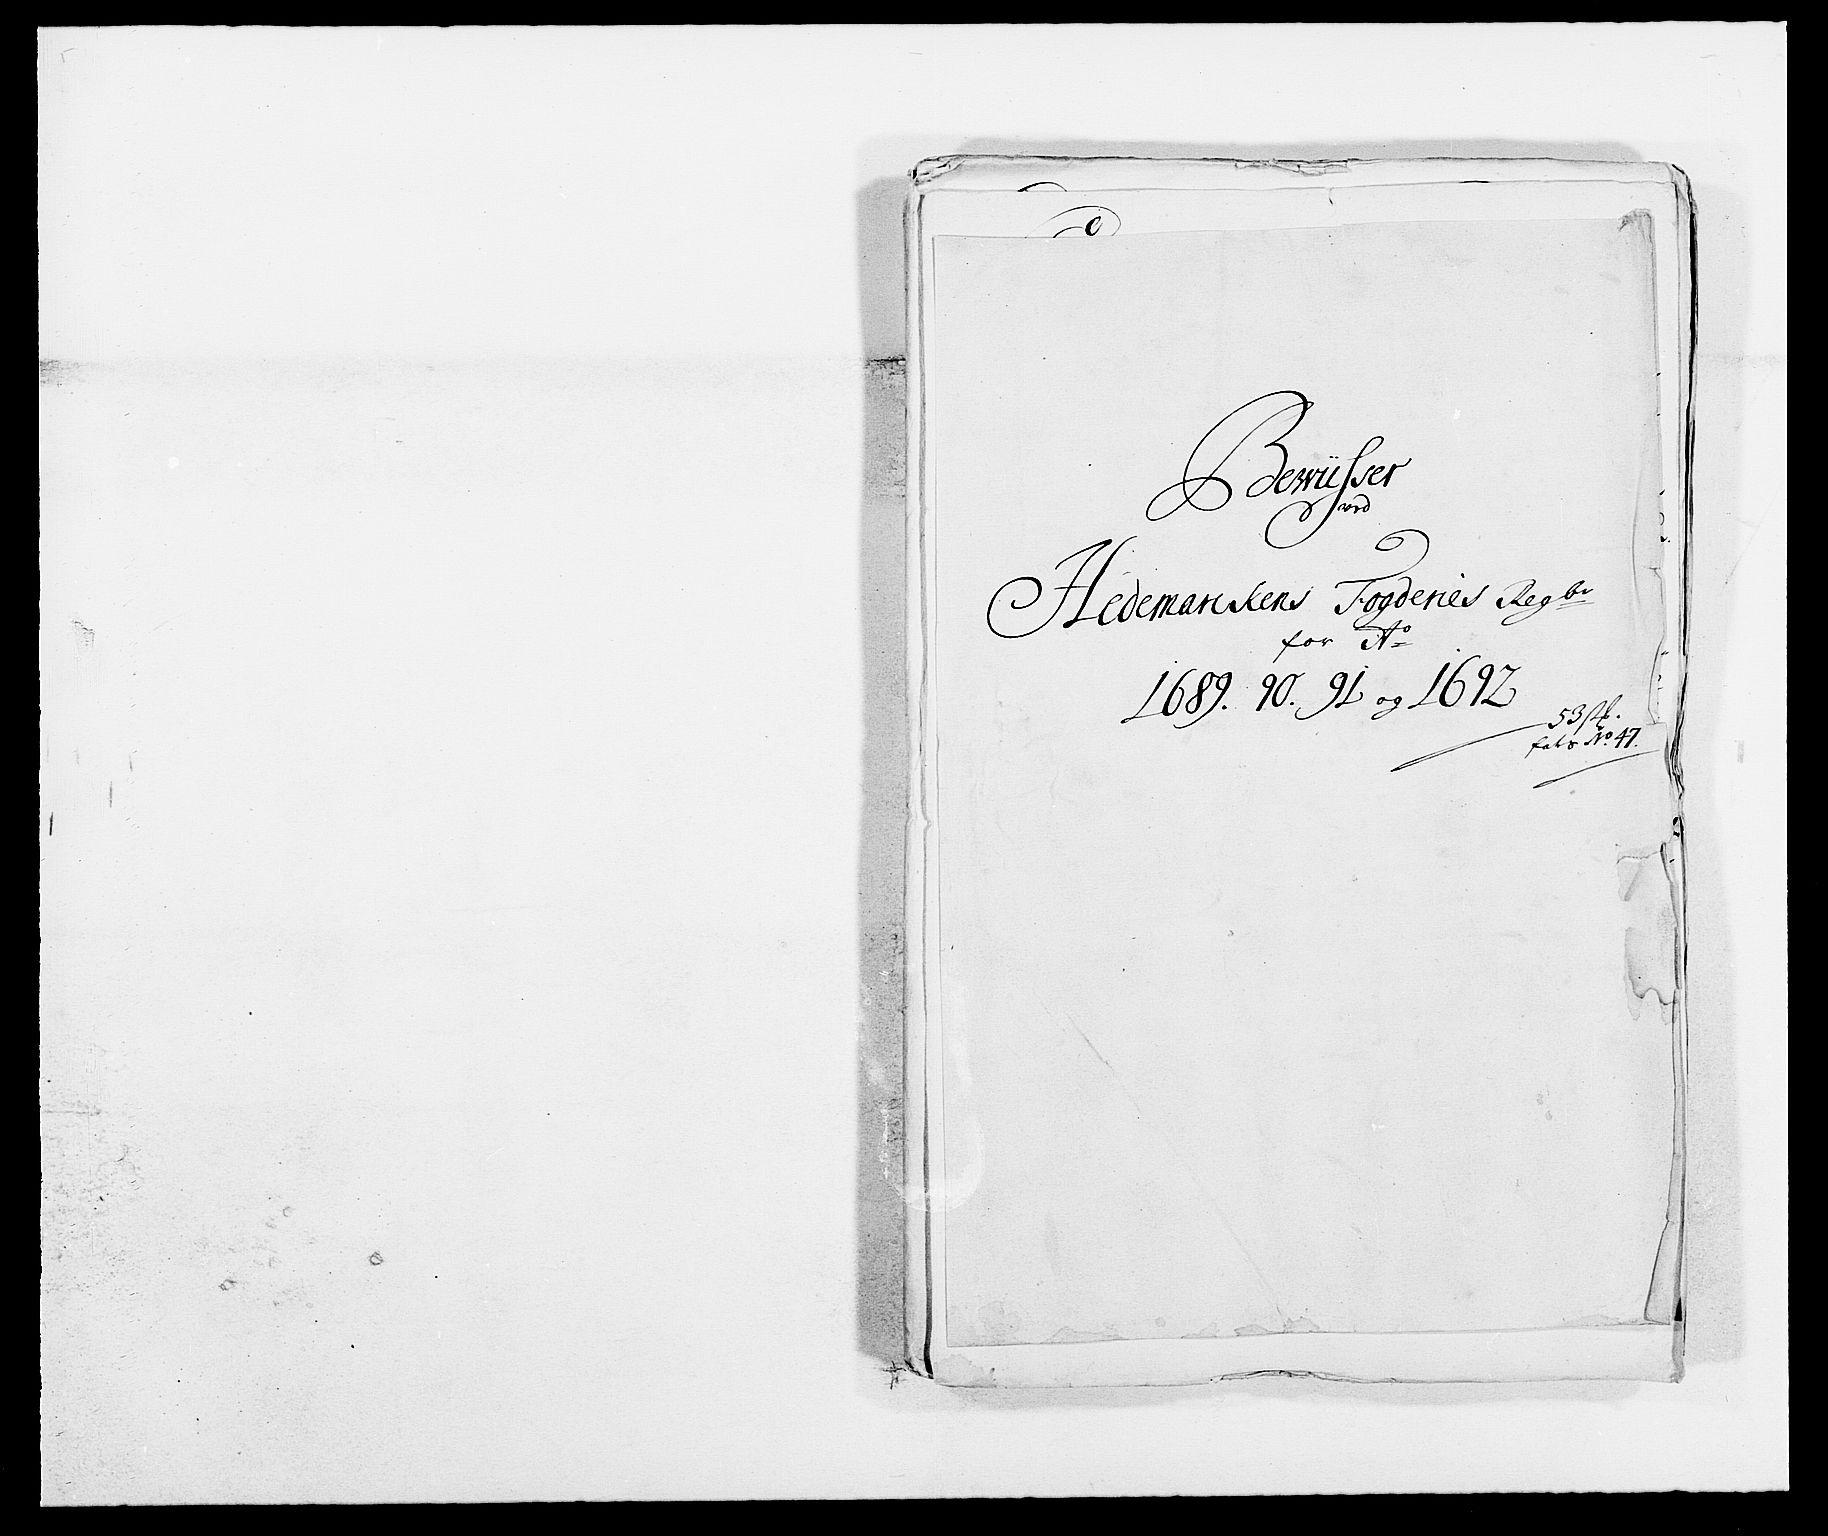 RA, Rentekammeret inntil 1814, Reviderte regnskaper, Fogderegnskap, R16/L1031: Fogderegnskap Hedmark, 1689-1692, s. 132